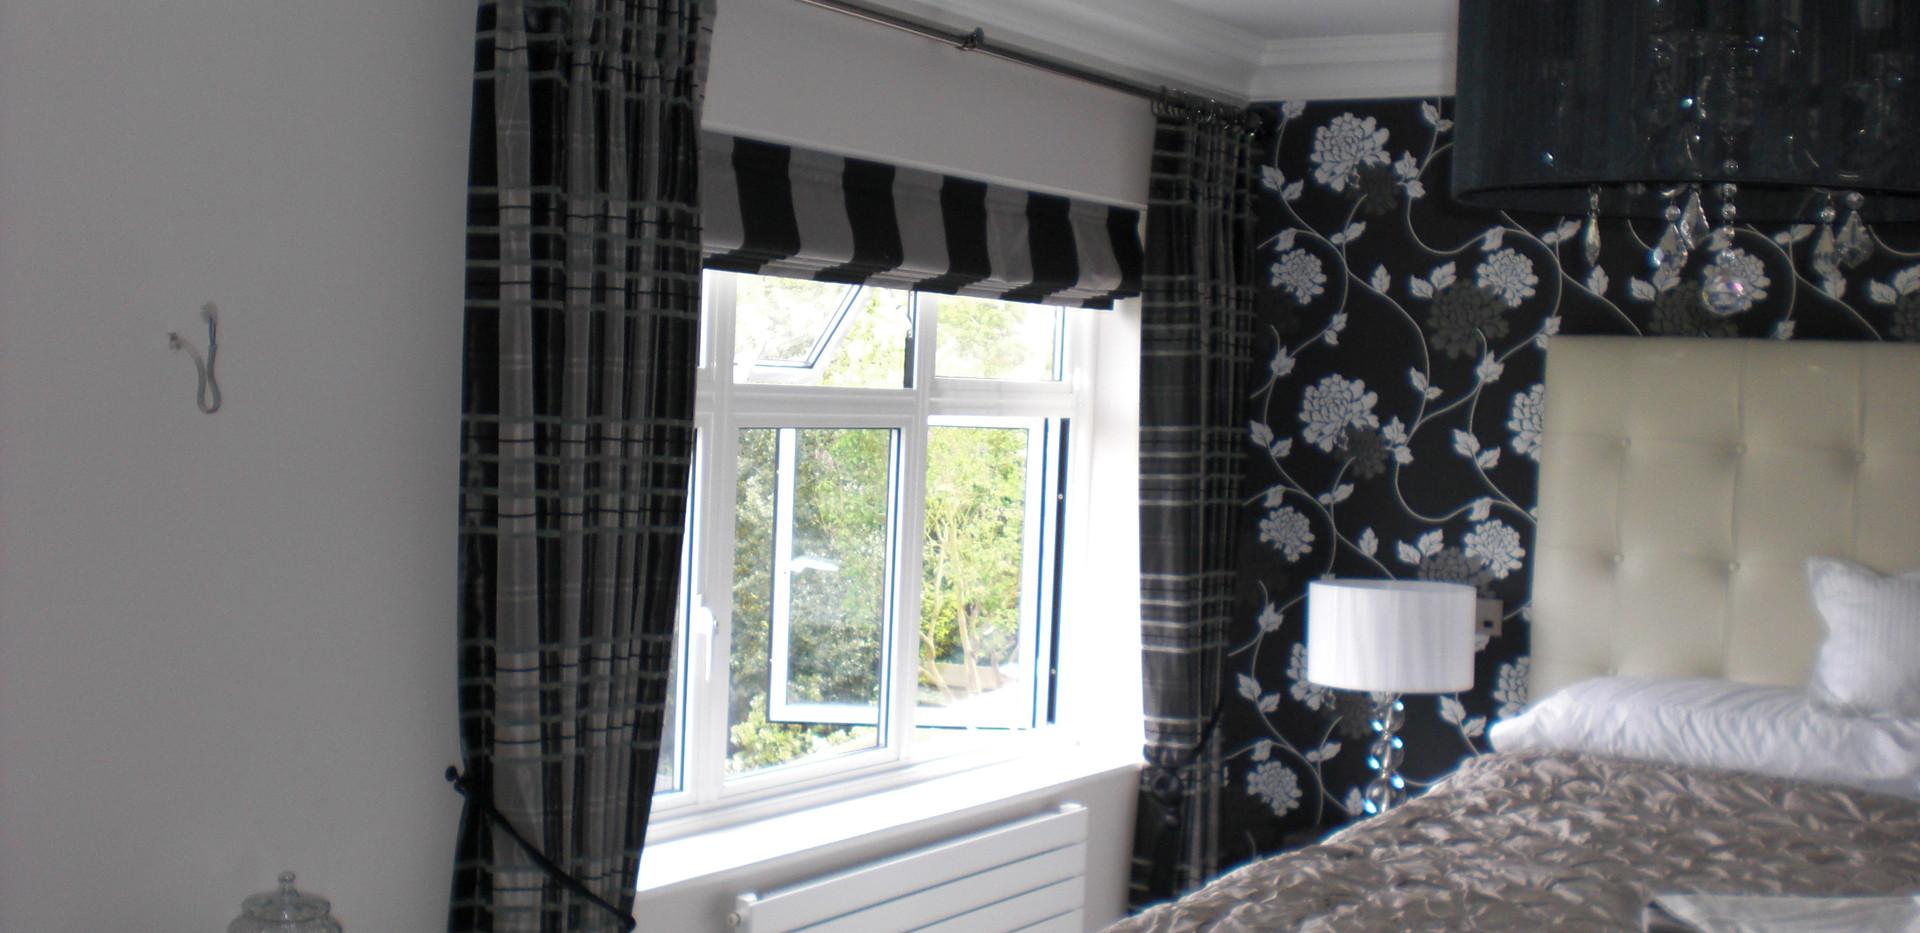 curtains 267 - Copy.jpg